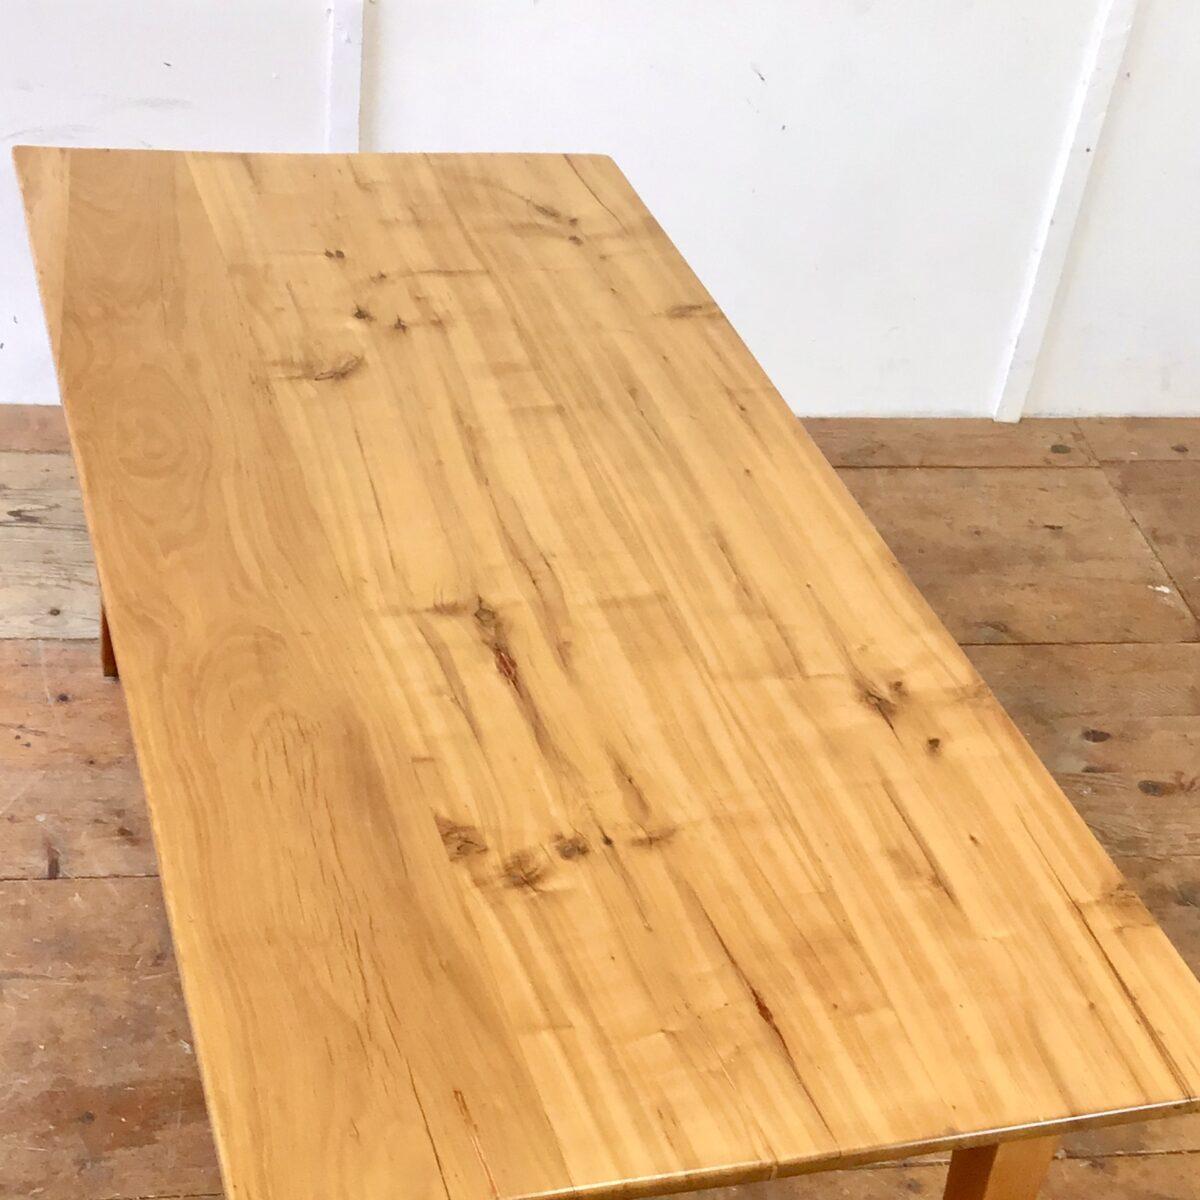 Alter Kirschbaum Biedermeiertisch mit sehr feingliedrigen Beinen. 166x77.5cm Höhe 75cm. An der einen Längsseite hat es eine Besteckschublade. Die Holzoberflächen sind lackiert.